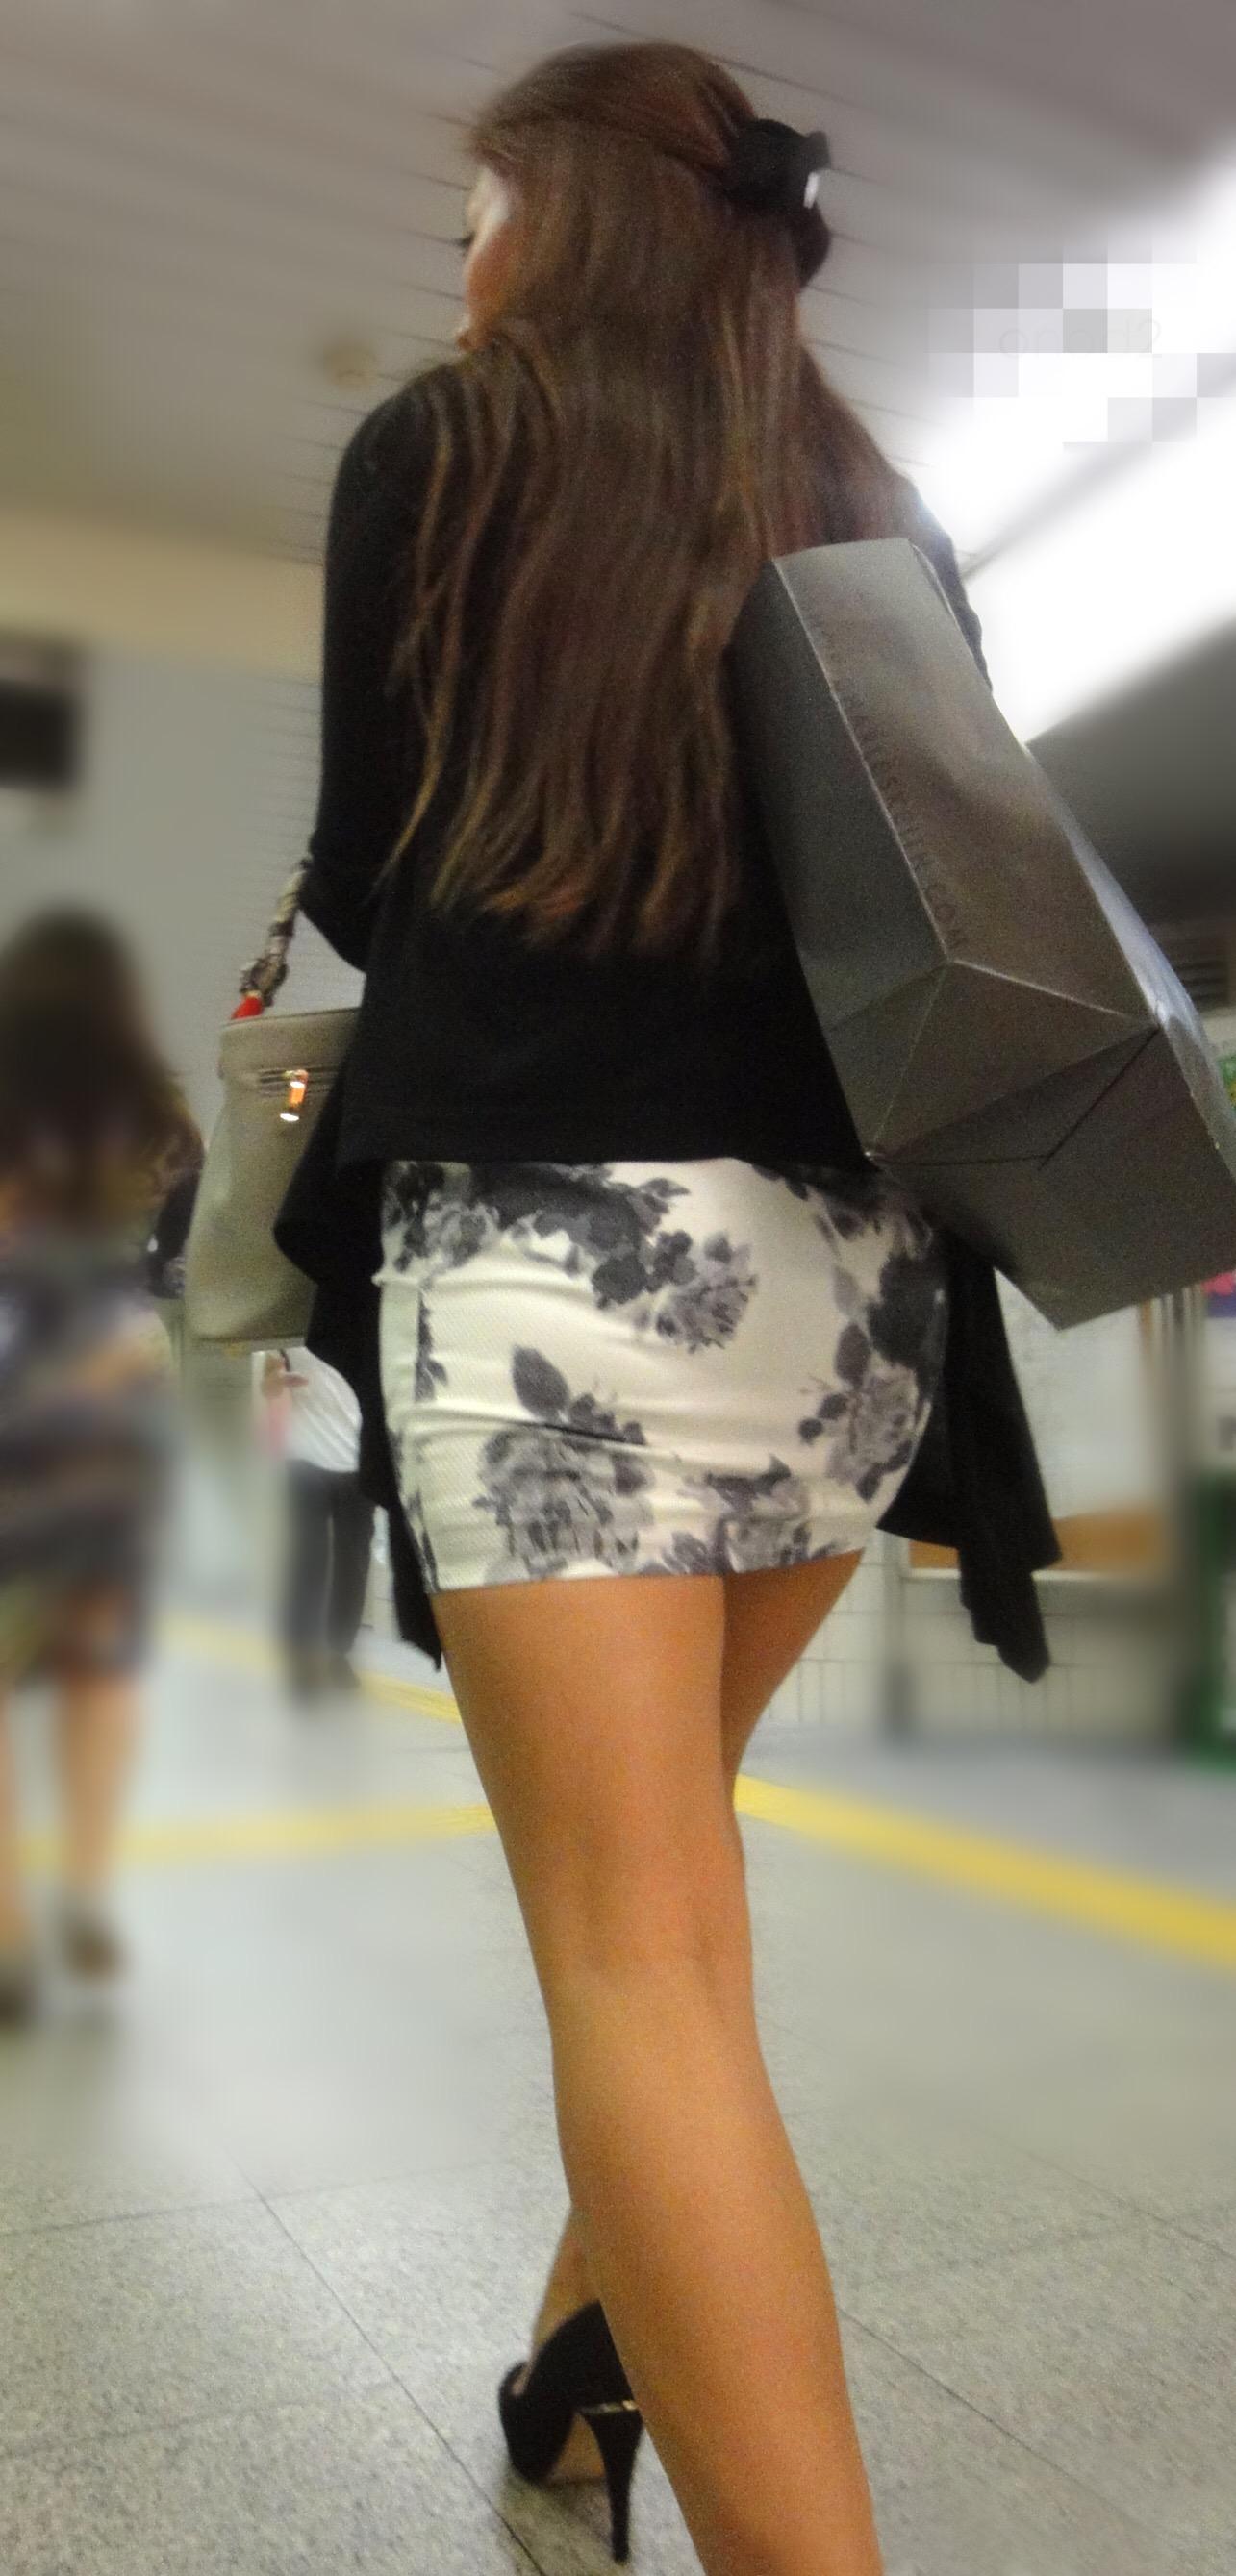 【美脚エロ画像】太いから太ももなんですw夢中で見ちゃう街のミニスカ下半身www 08